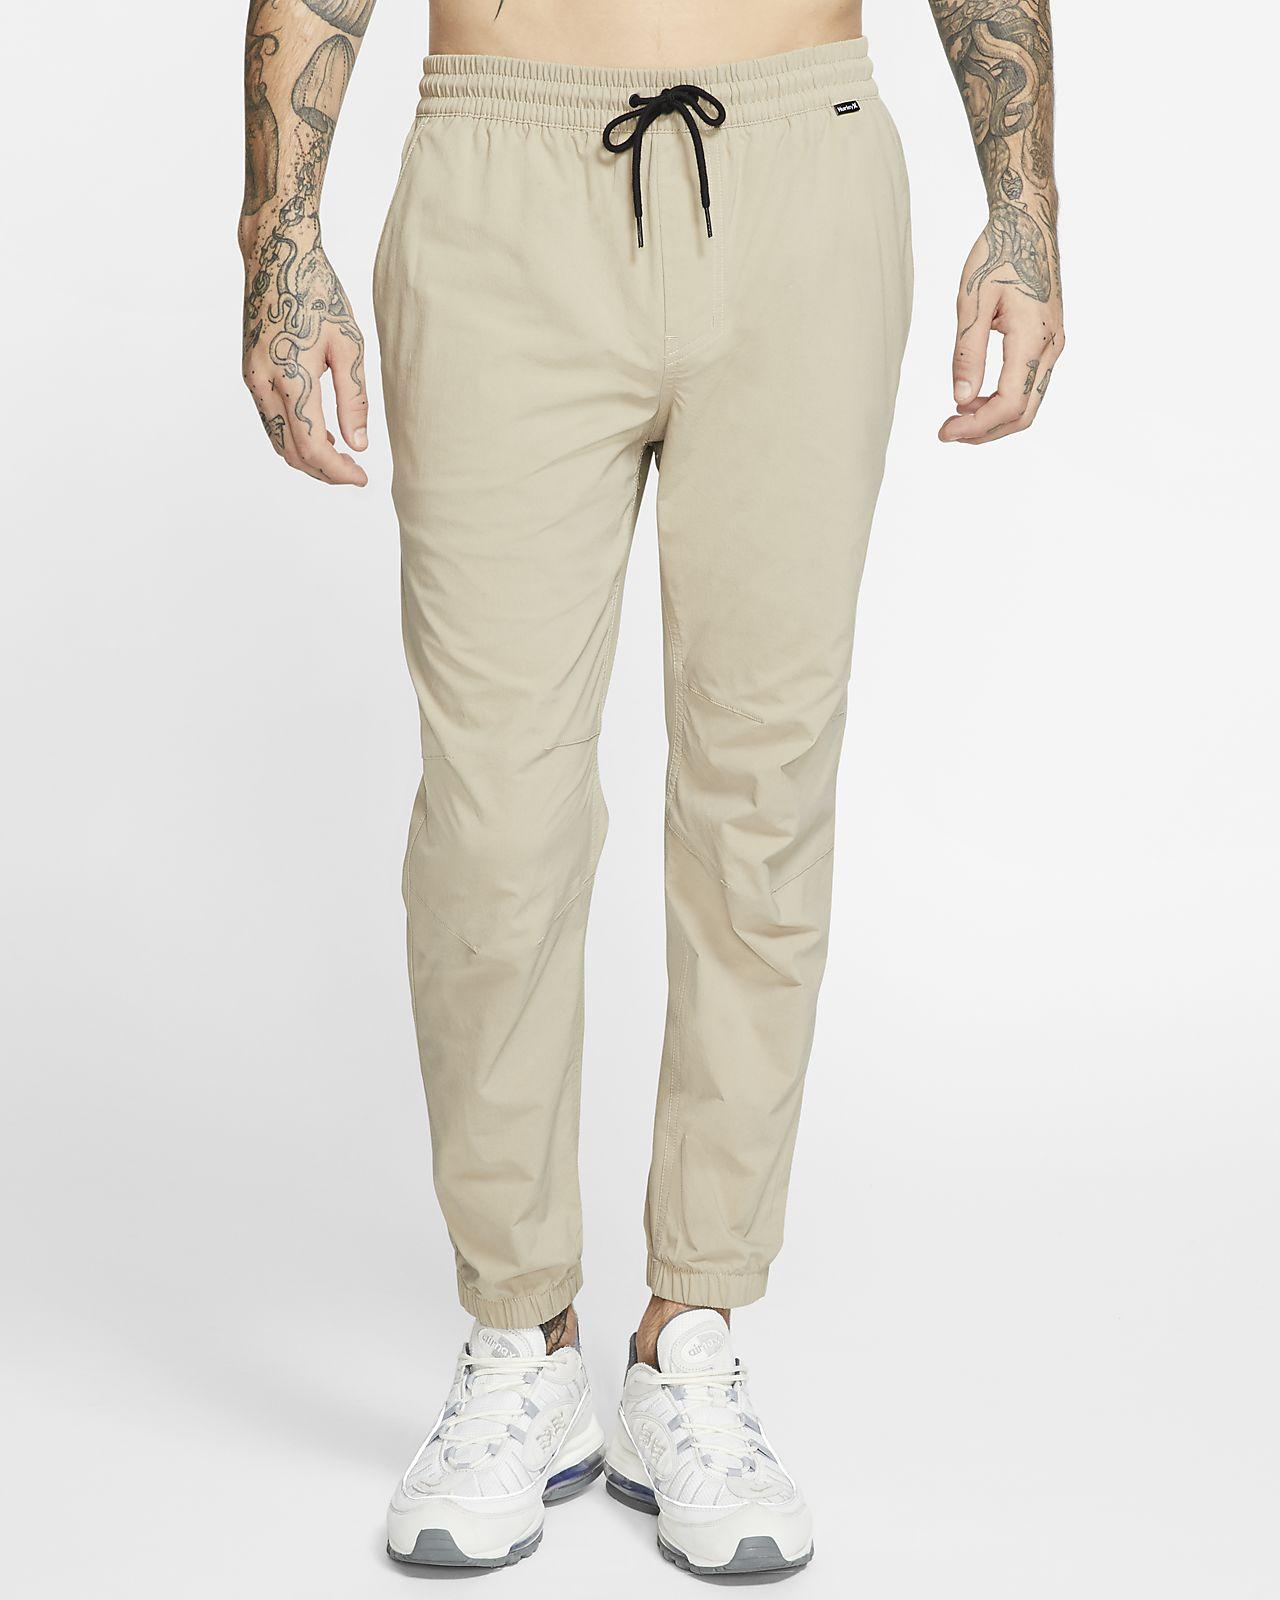 outlet for sale great look usa cheap sale Pantalon de jogging Hurley Dri-FIT pour Homme